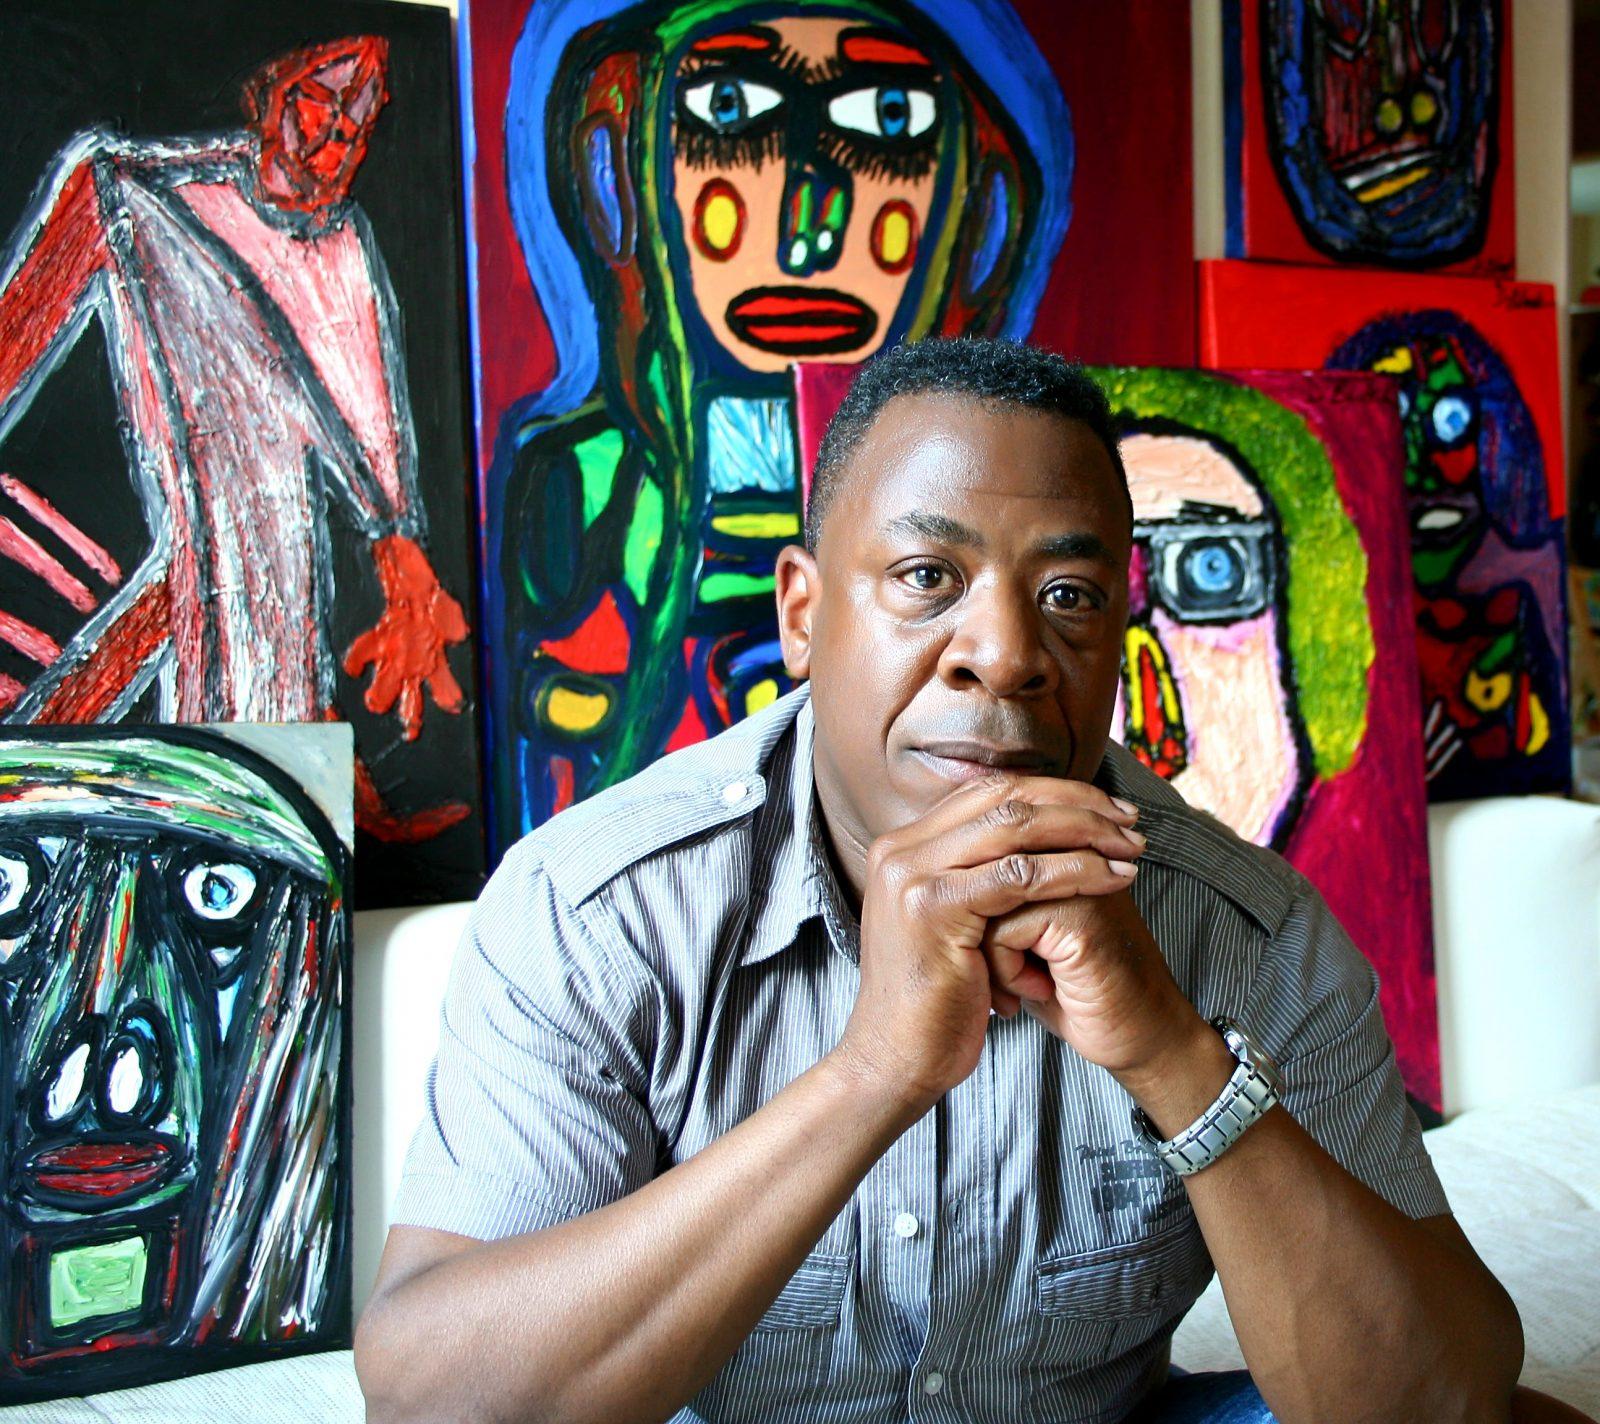 Artist Darrell Black